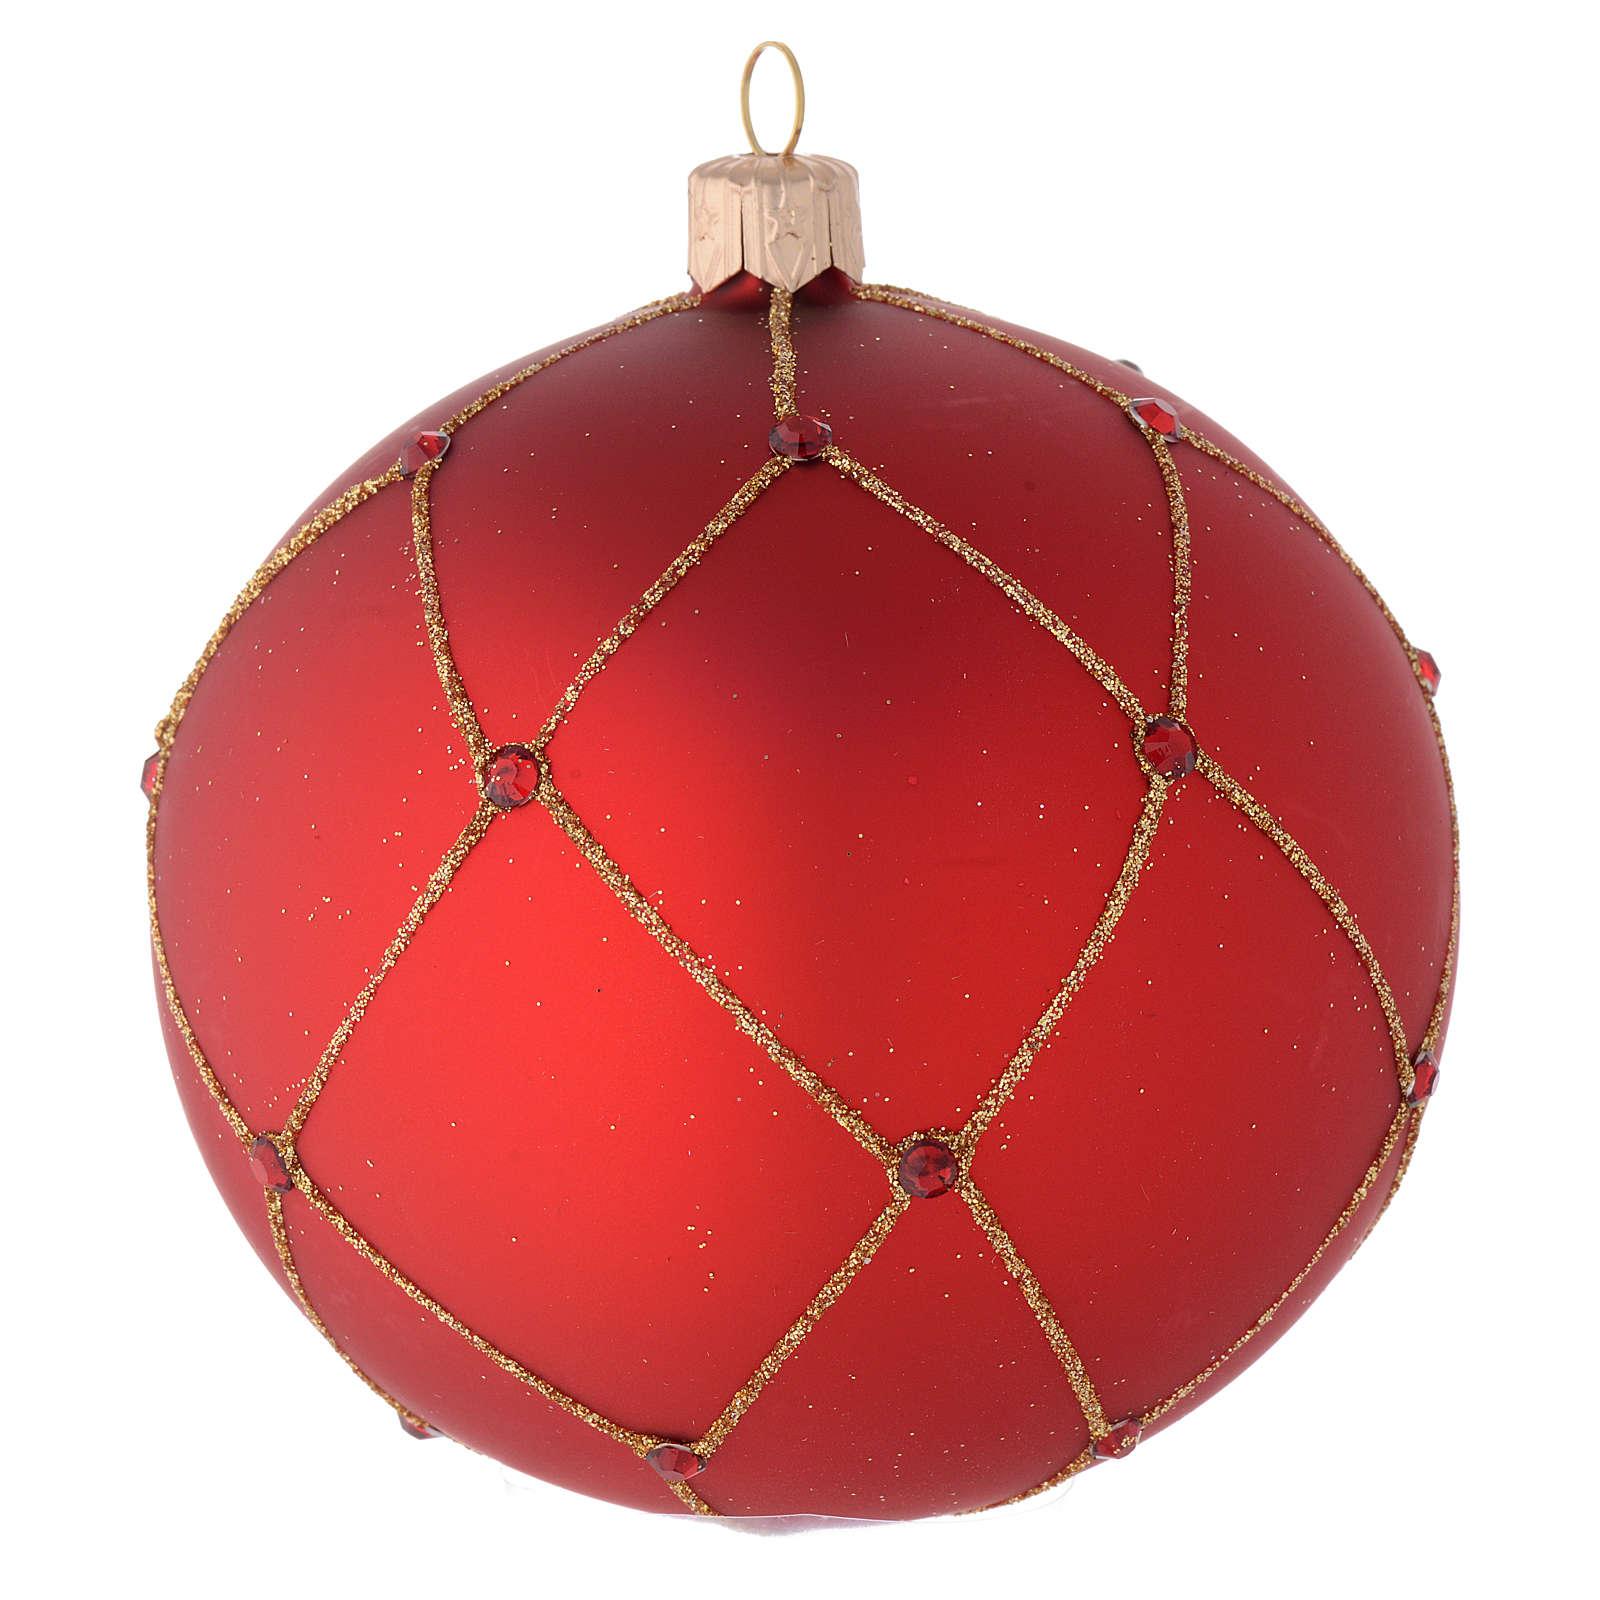 Adorno para árbol de Navidad bola vidrio rojo con piedras 100 mm 4